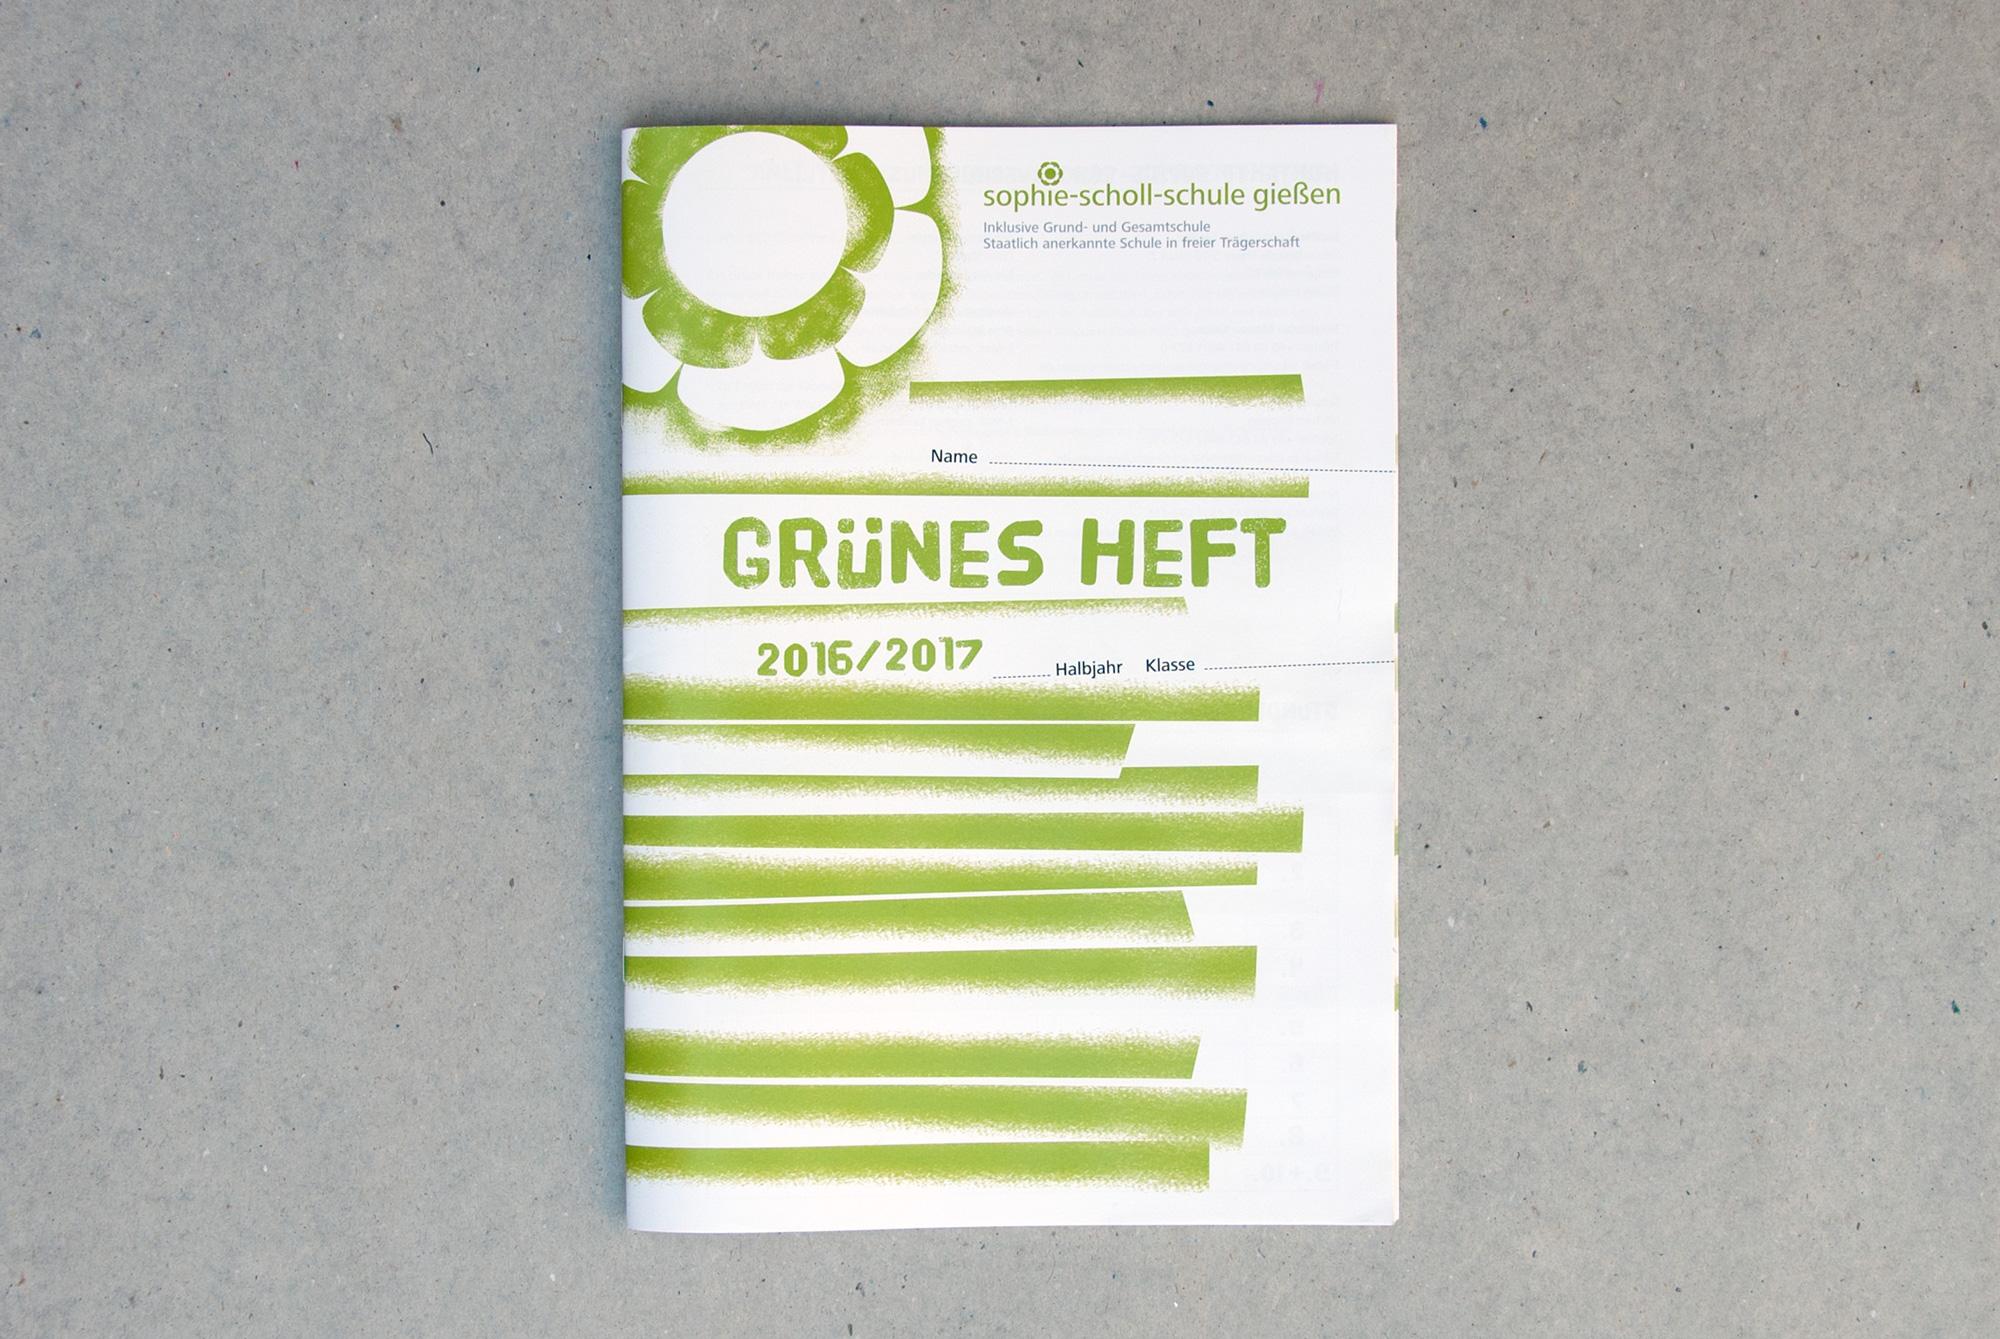 gruenesheft_1